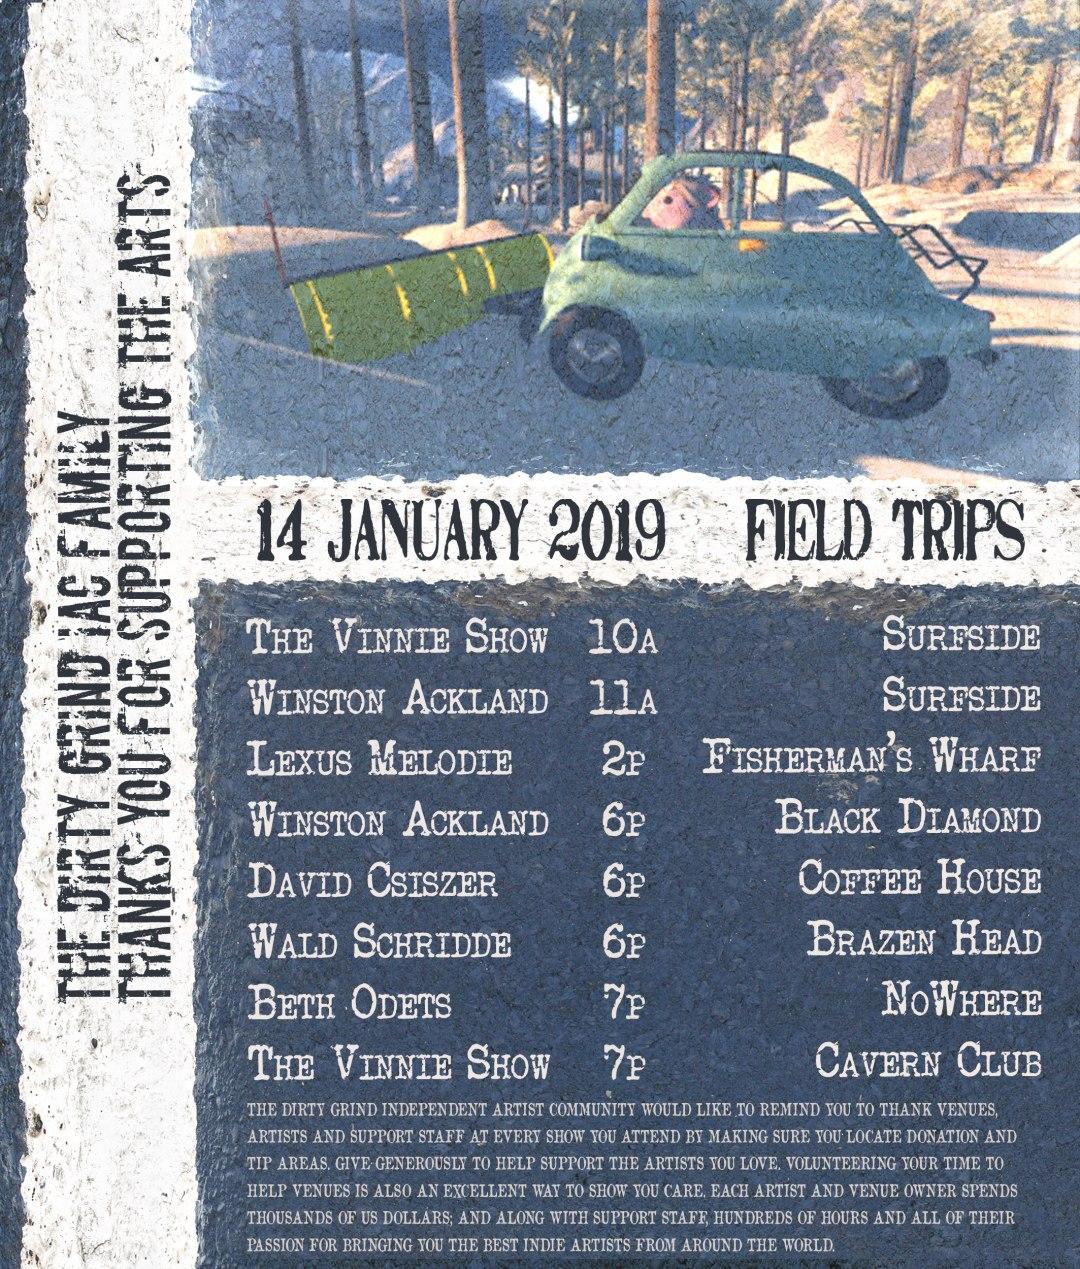 Field-Trips-Jan-14.jpg